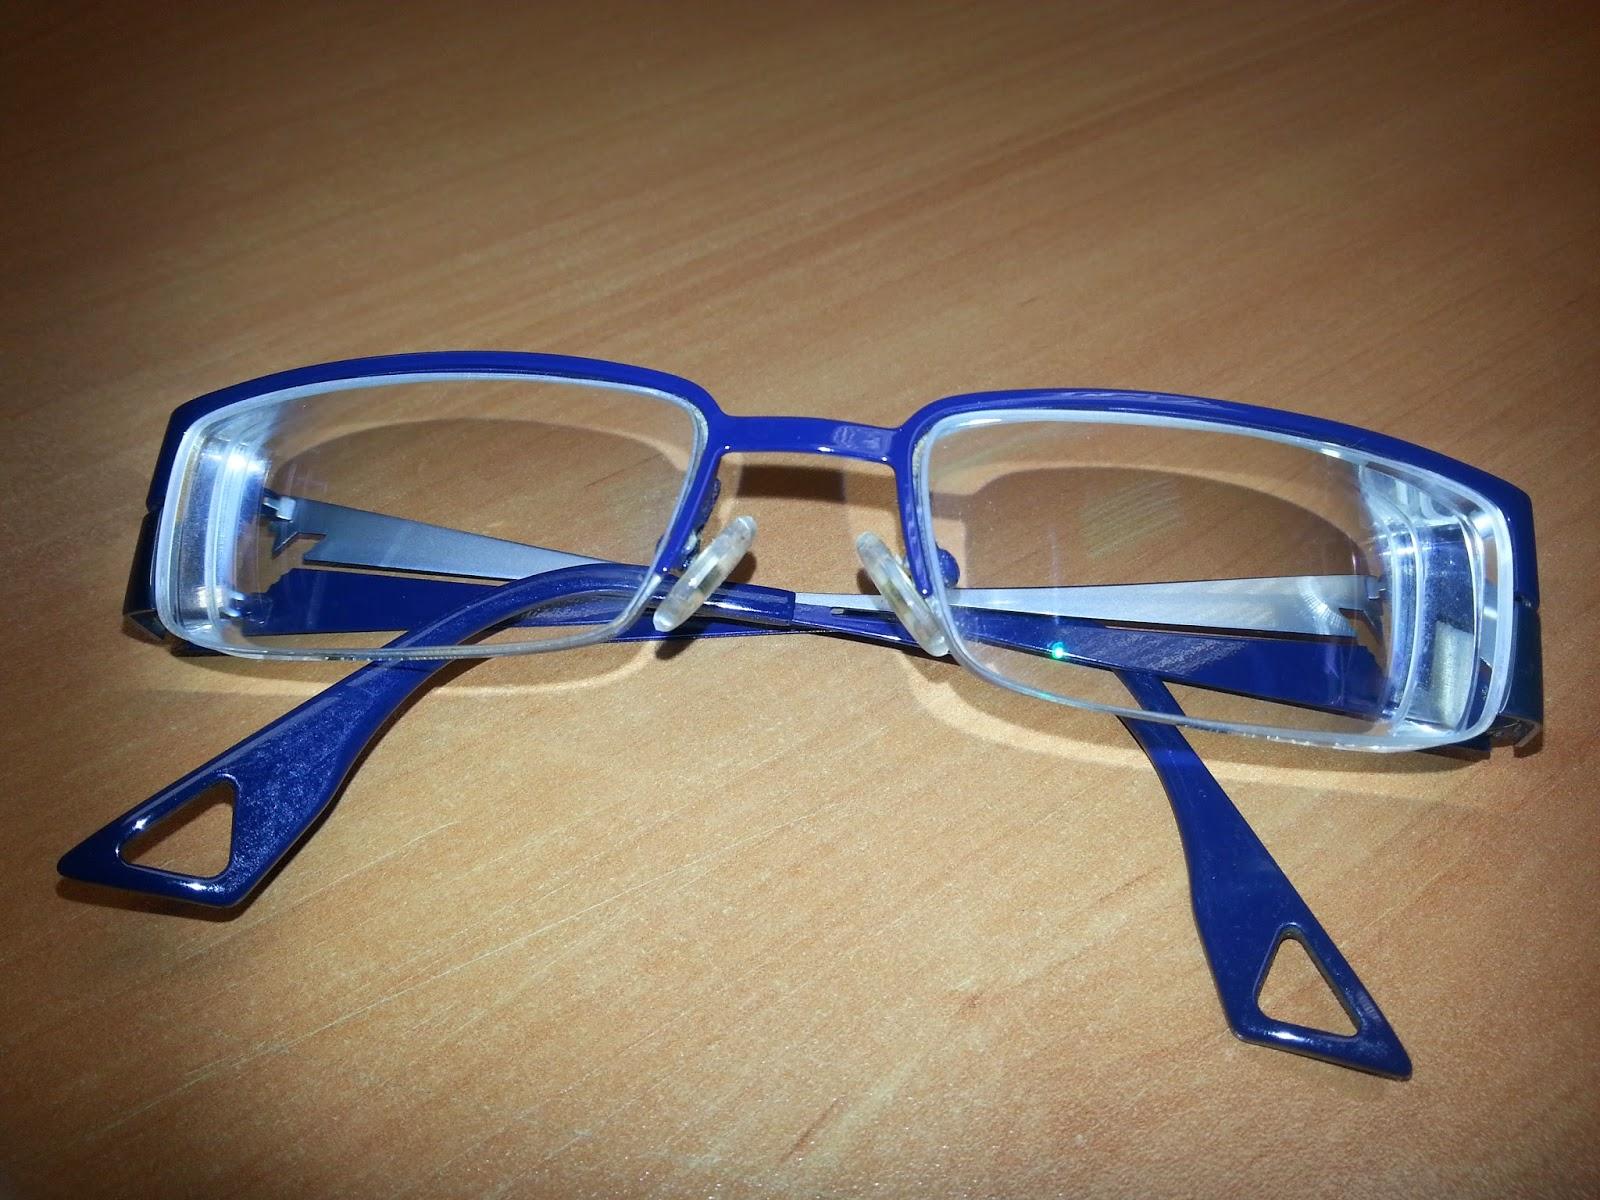 Imagen de unas gafas de montura azul encima de una mesa de madera